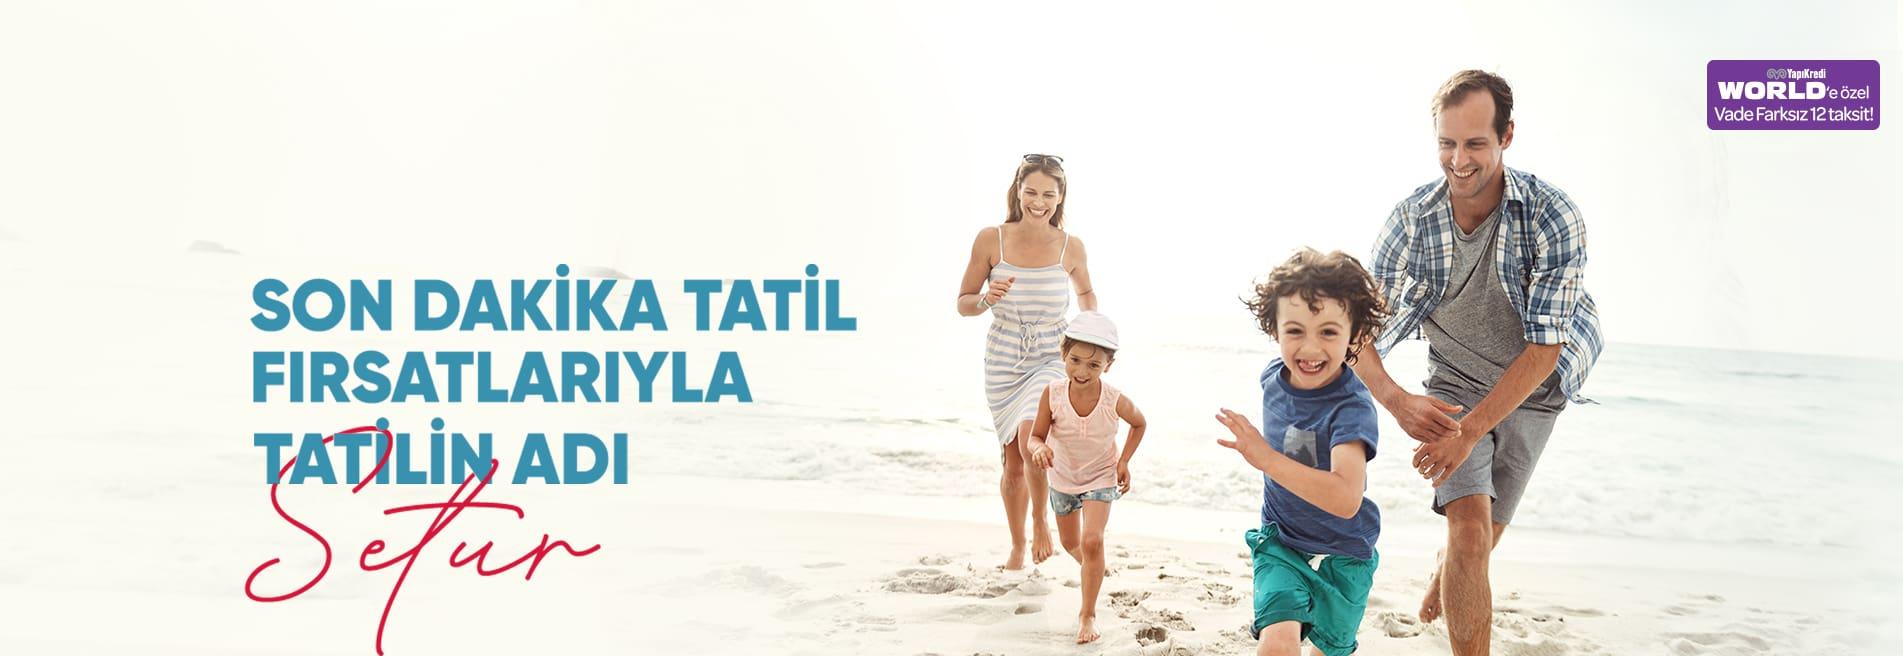 Son Dakika Tatil Fırsatları Otelleri